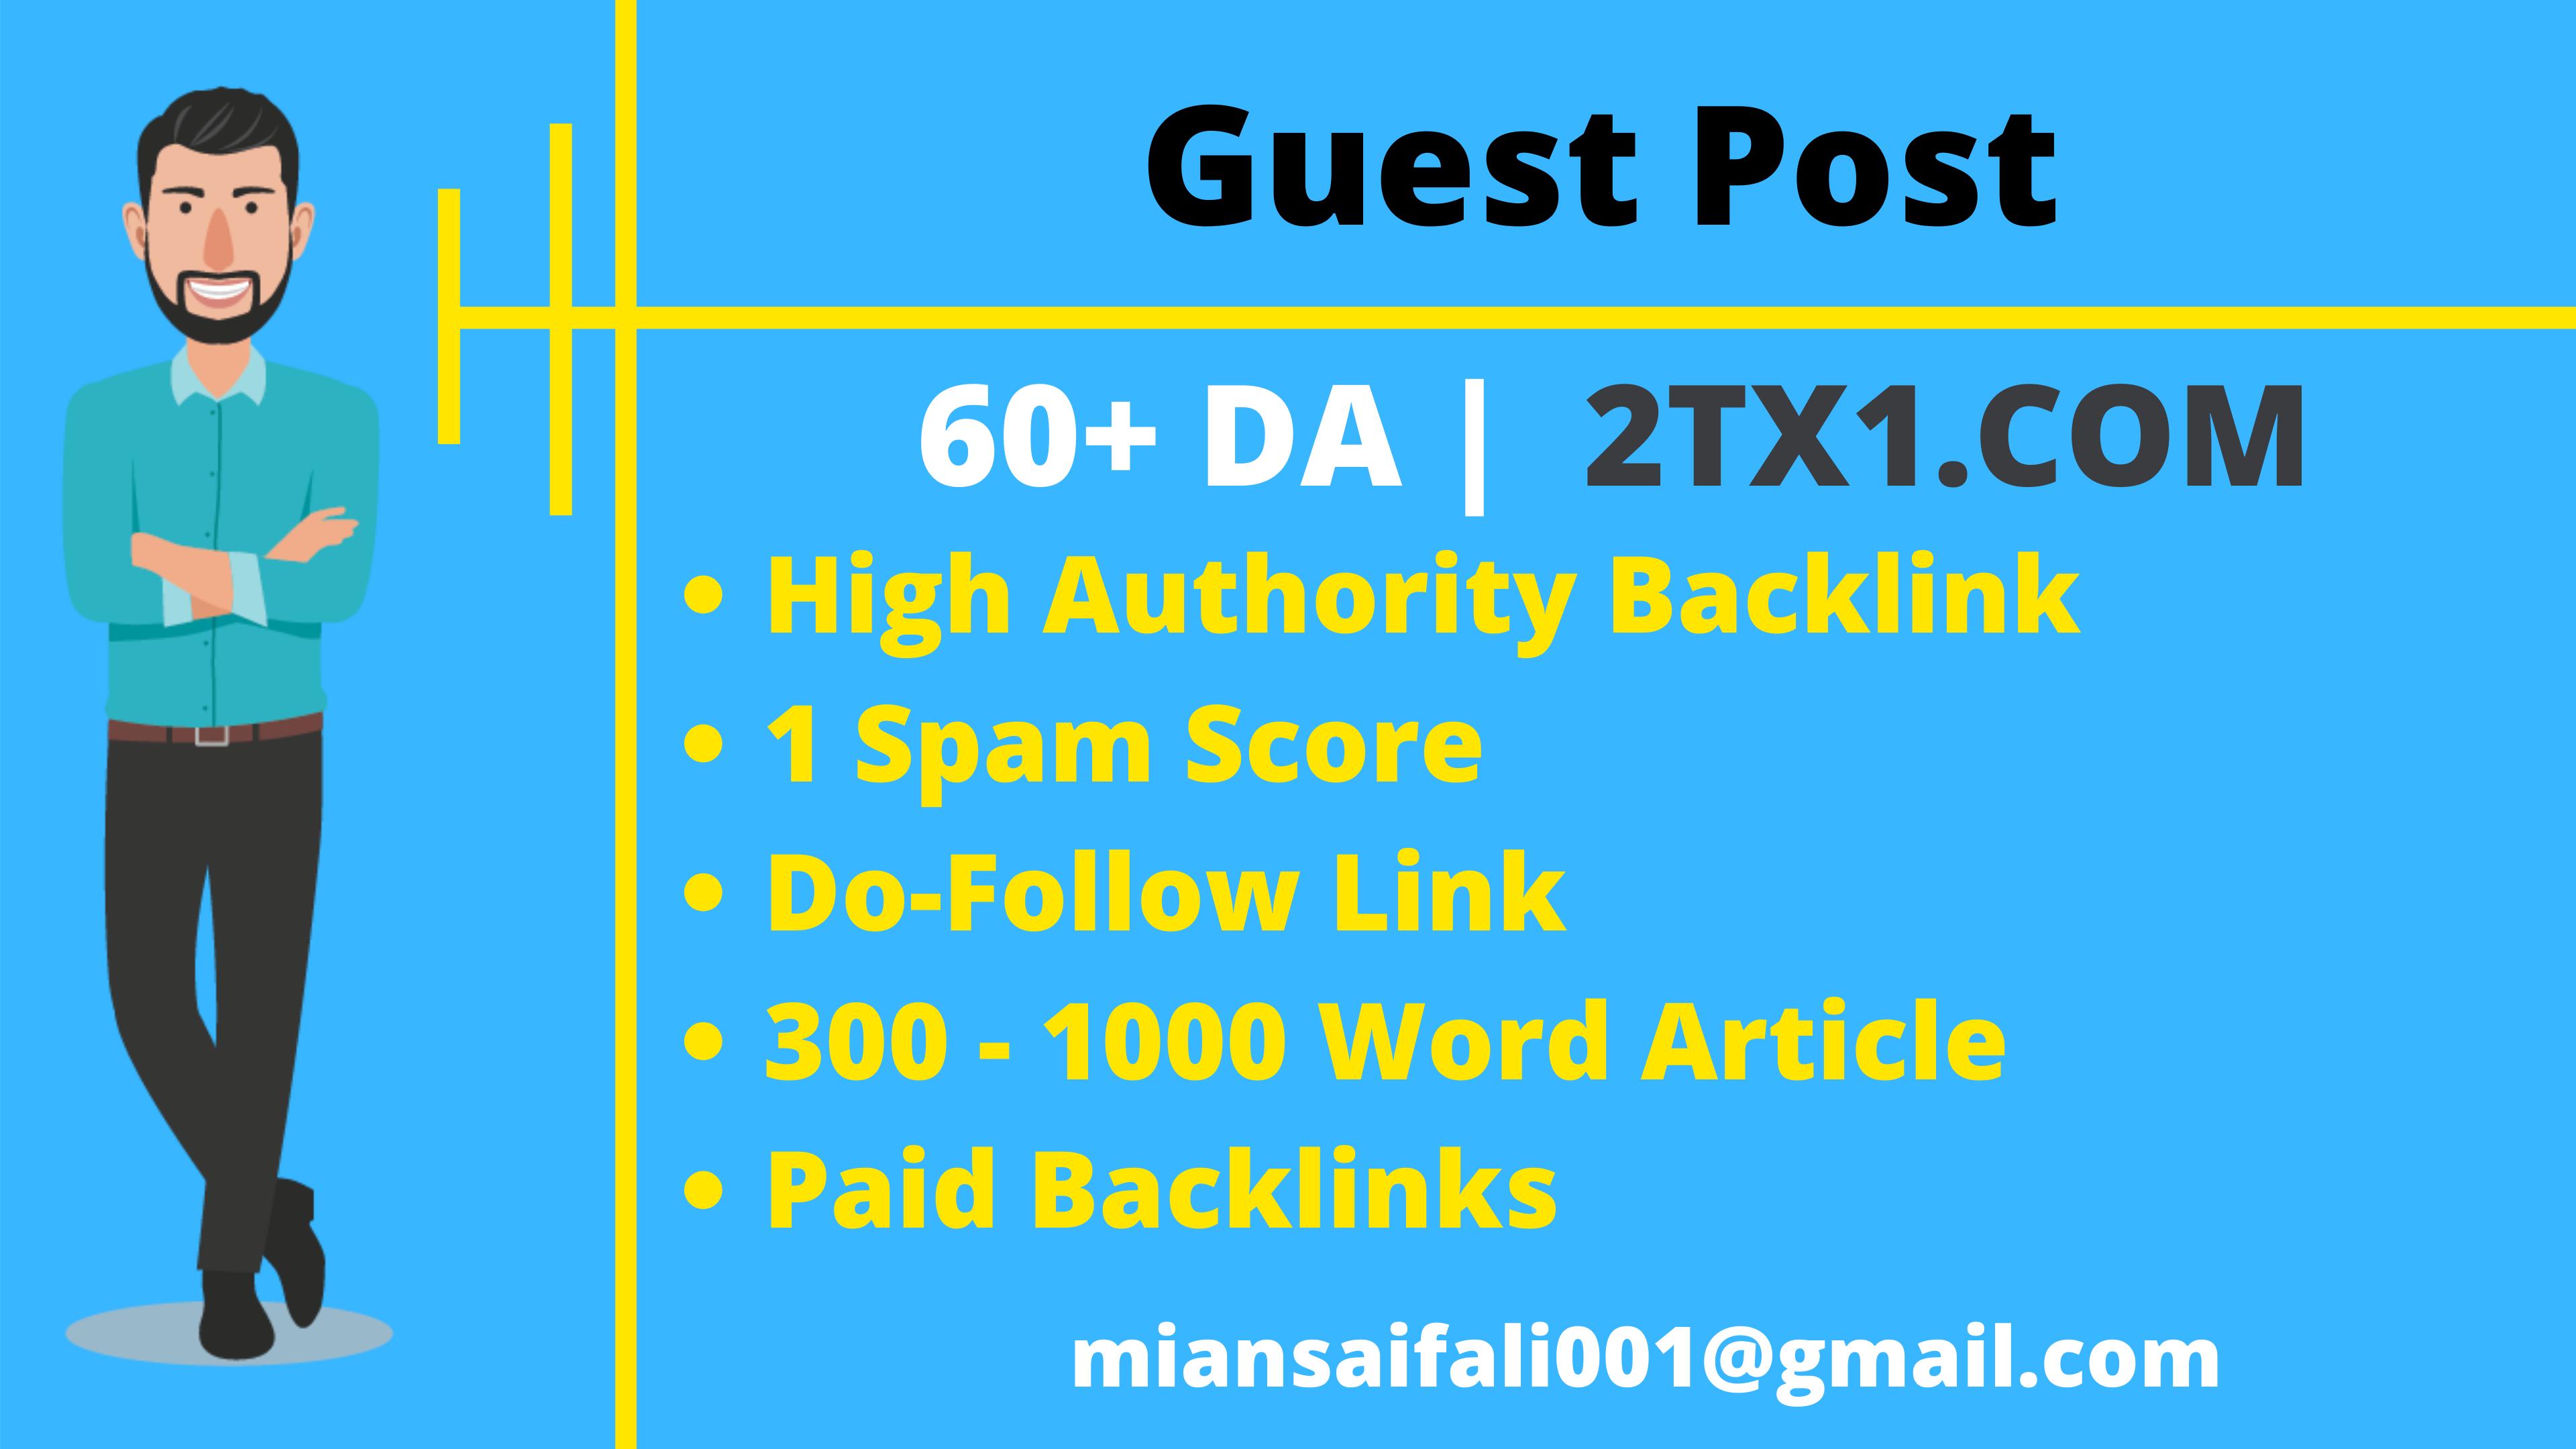 Guest Post On 60+ DA Website Do-Follow Backlink